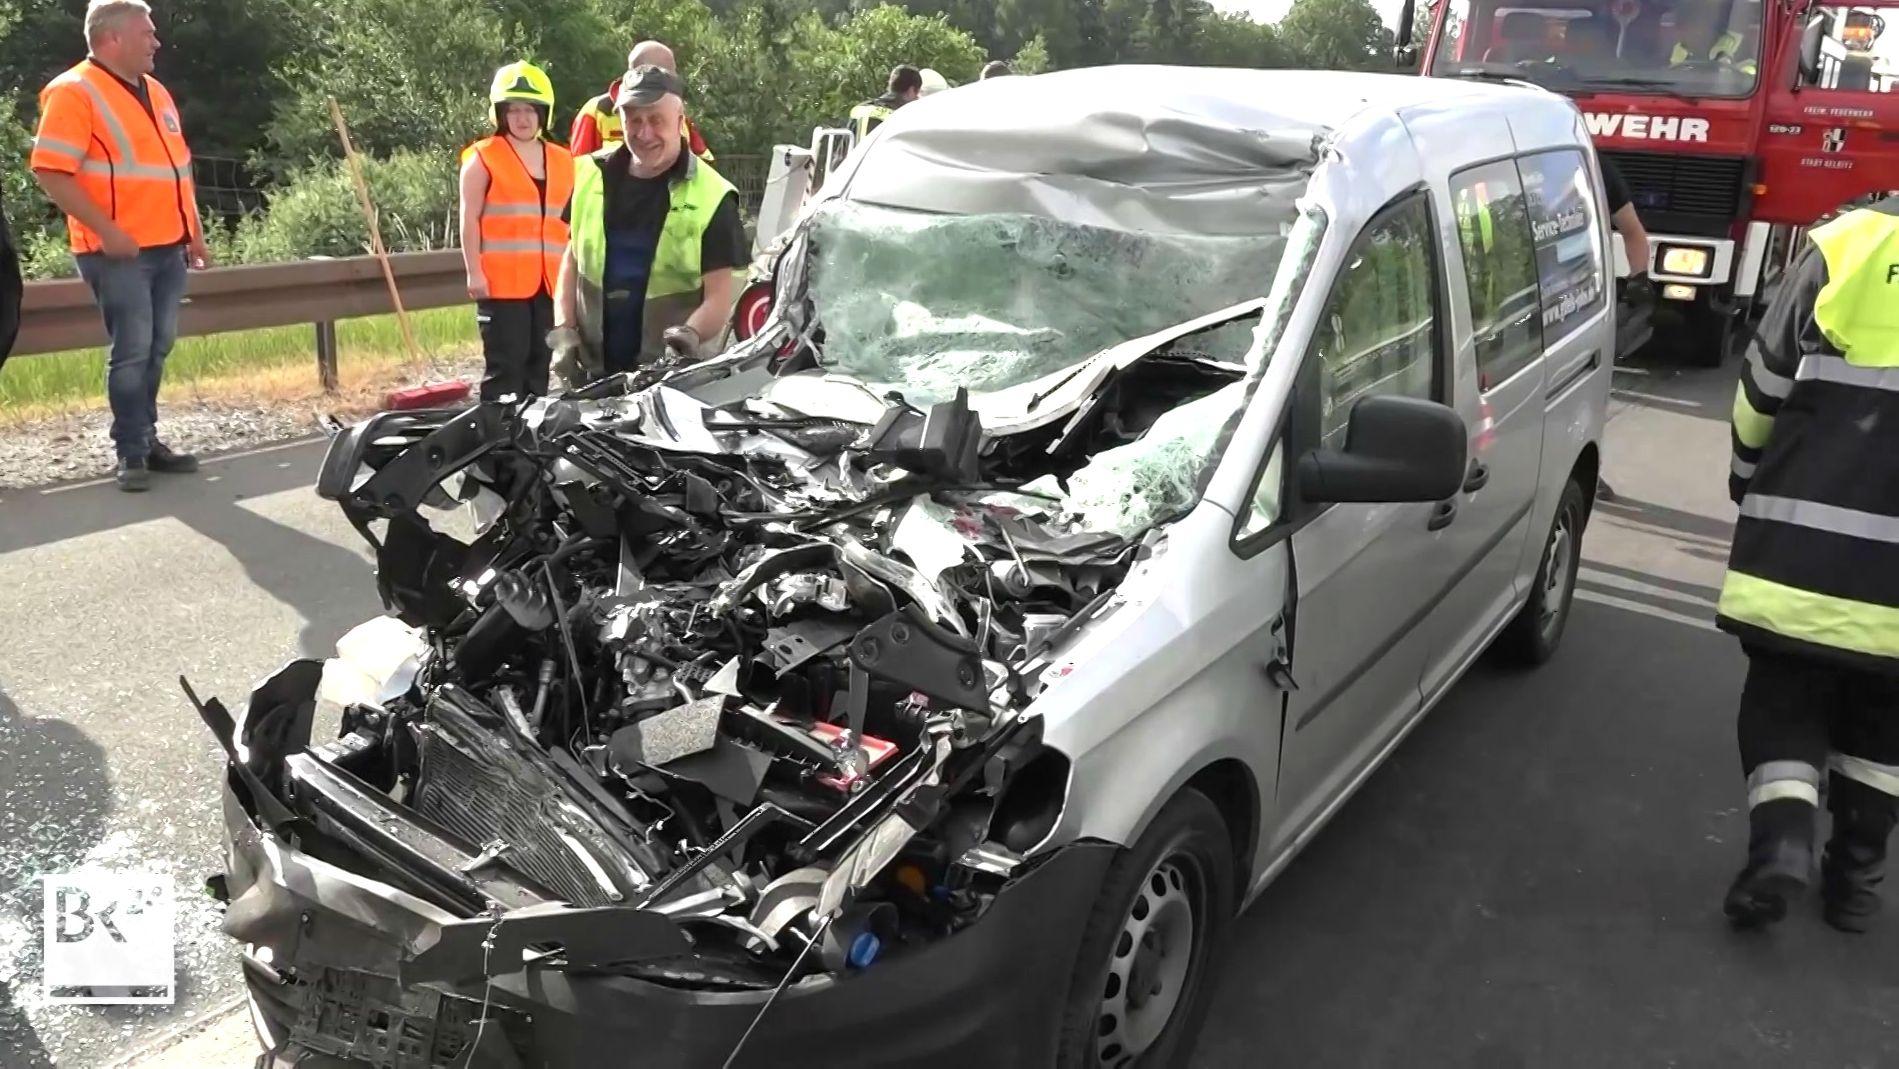 Die Front des VW-Caddy ist komplett zerstört